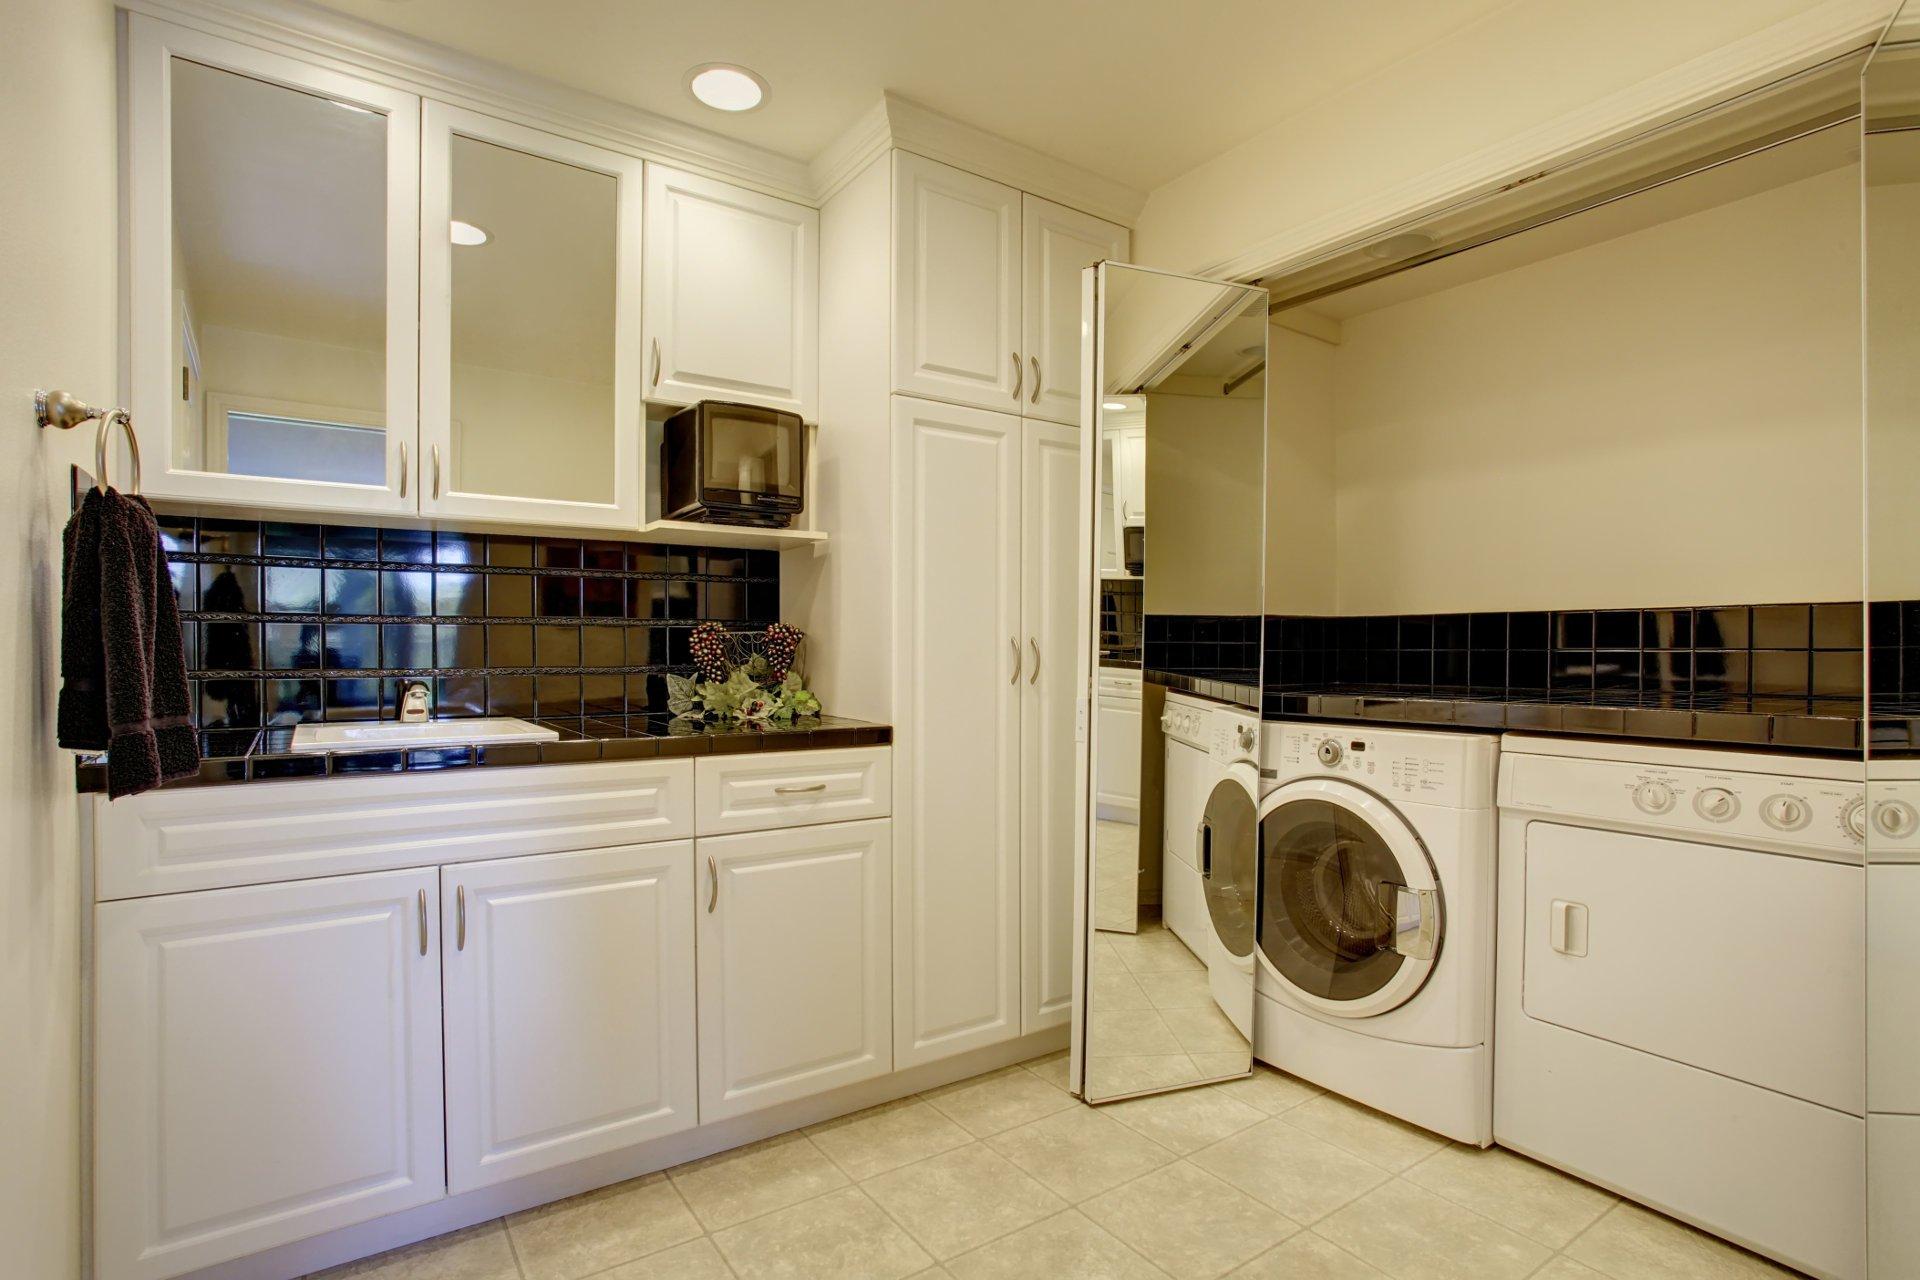 Miejsce dla pralki,pralka za drzwiami przesuwnymi, biała łazienka, przesuwane drzwi z lustra, schowana pralka i suszarka